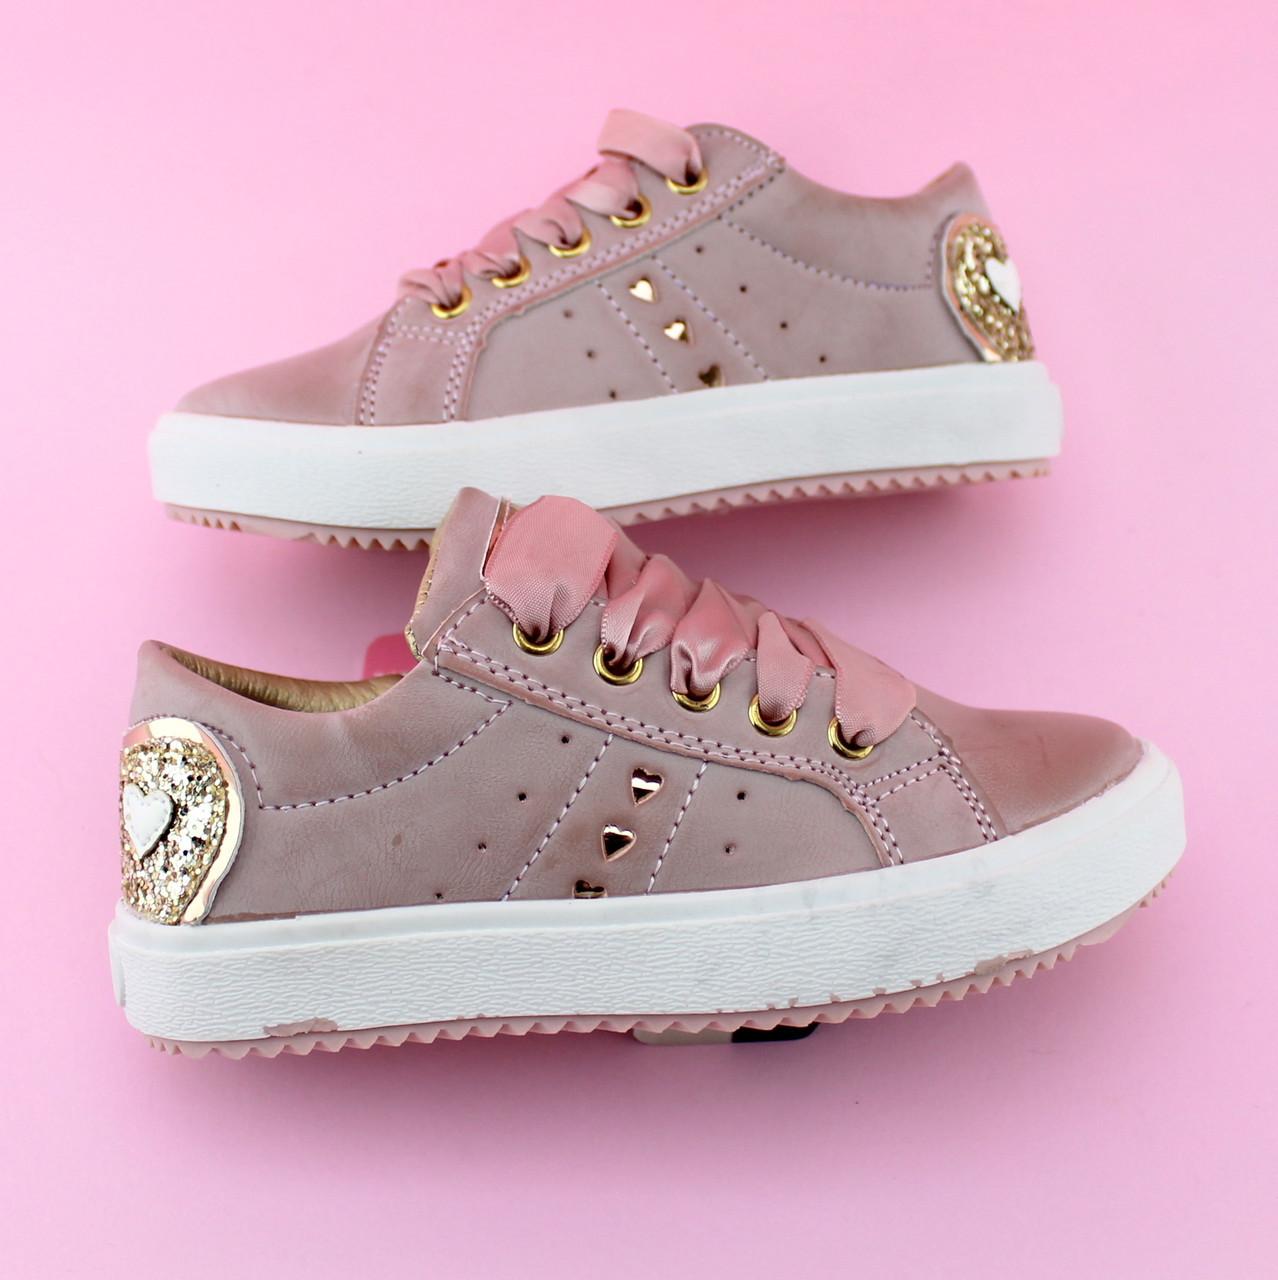 Детские слипоны детские кеды девочке розовая пудра бренд обуви Том.м размер  25 5ecfc7288b24d